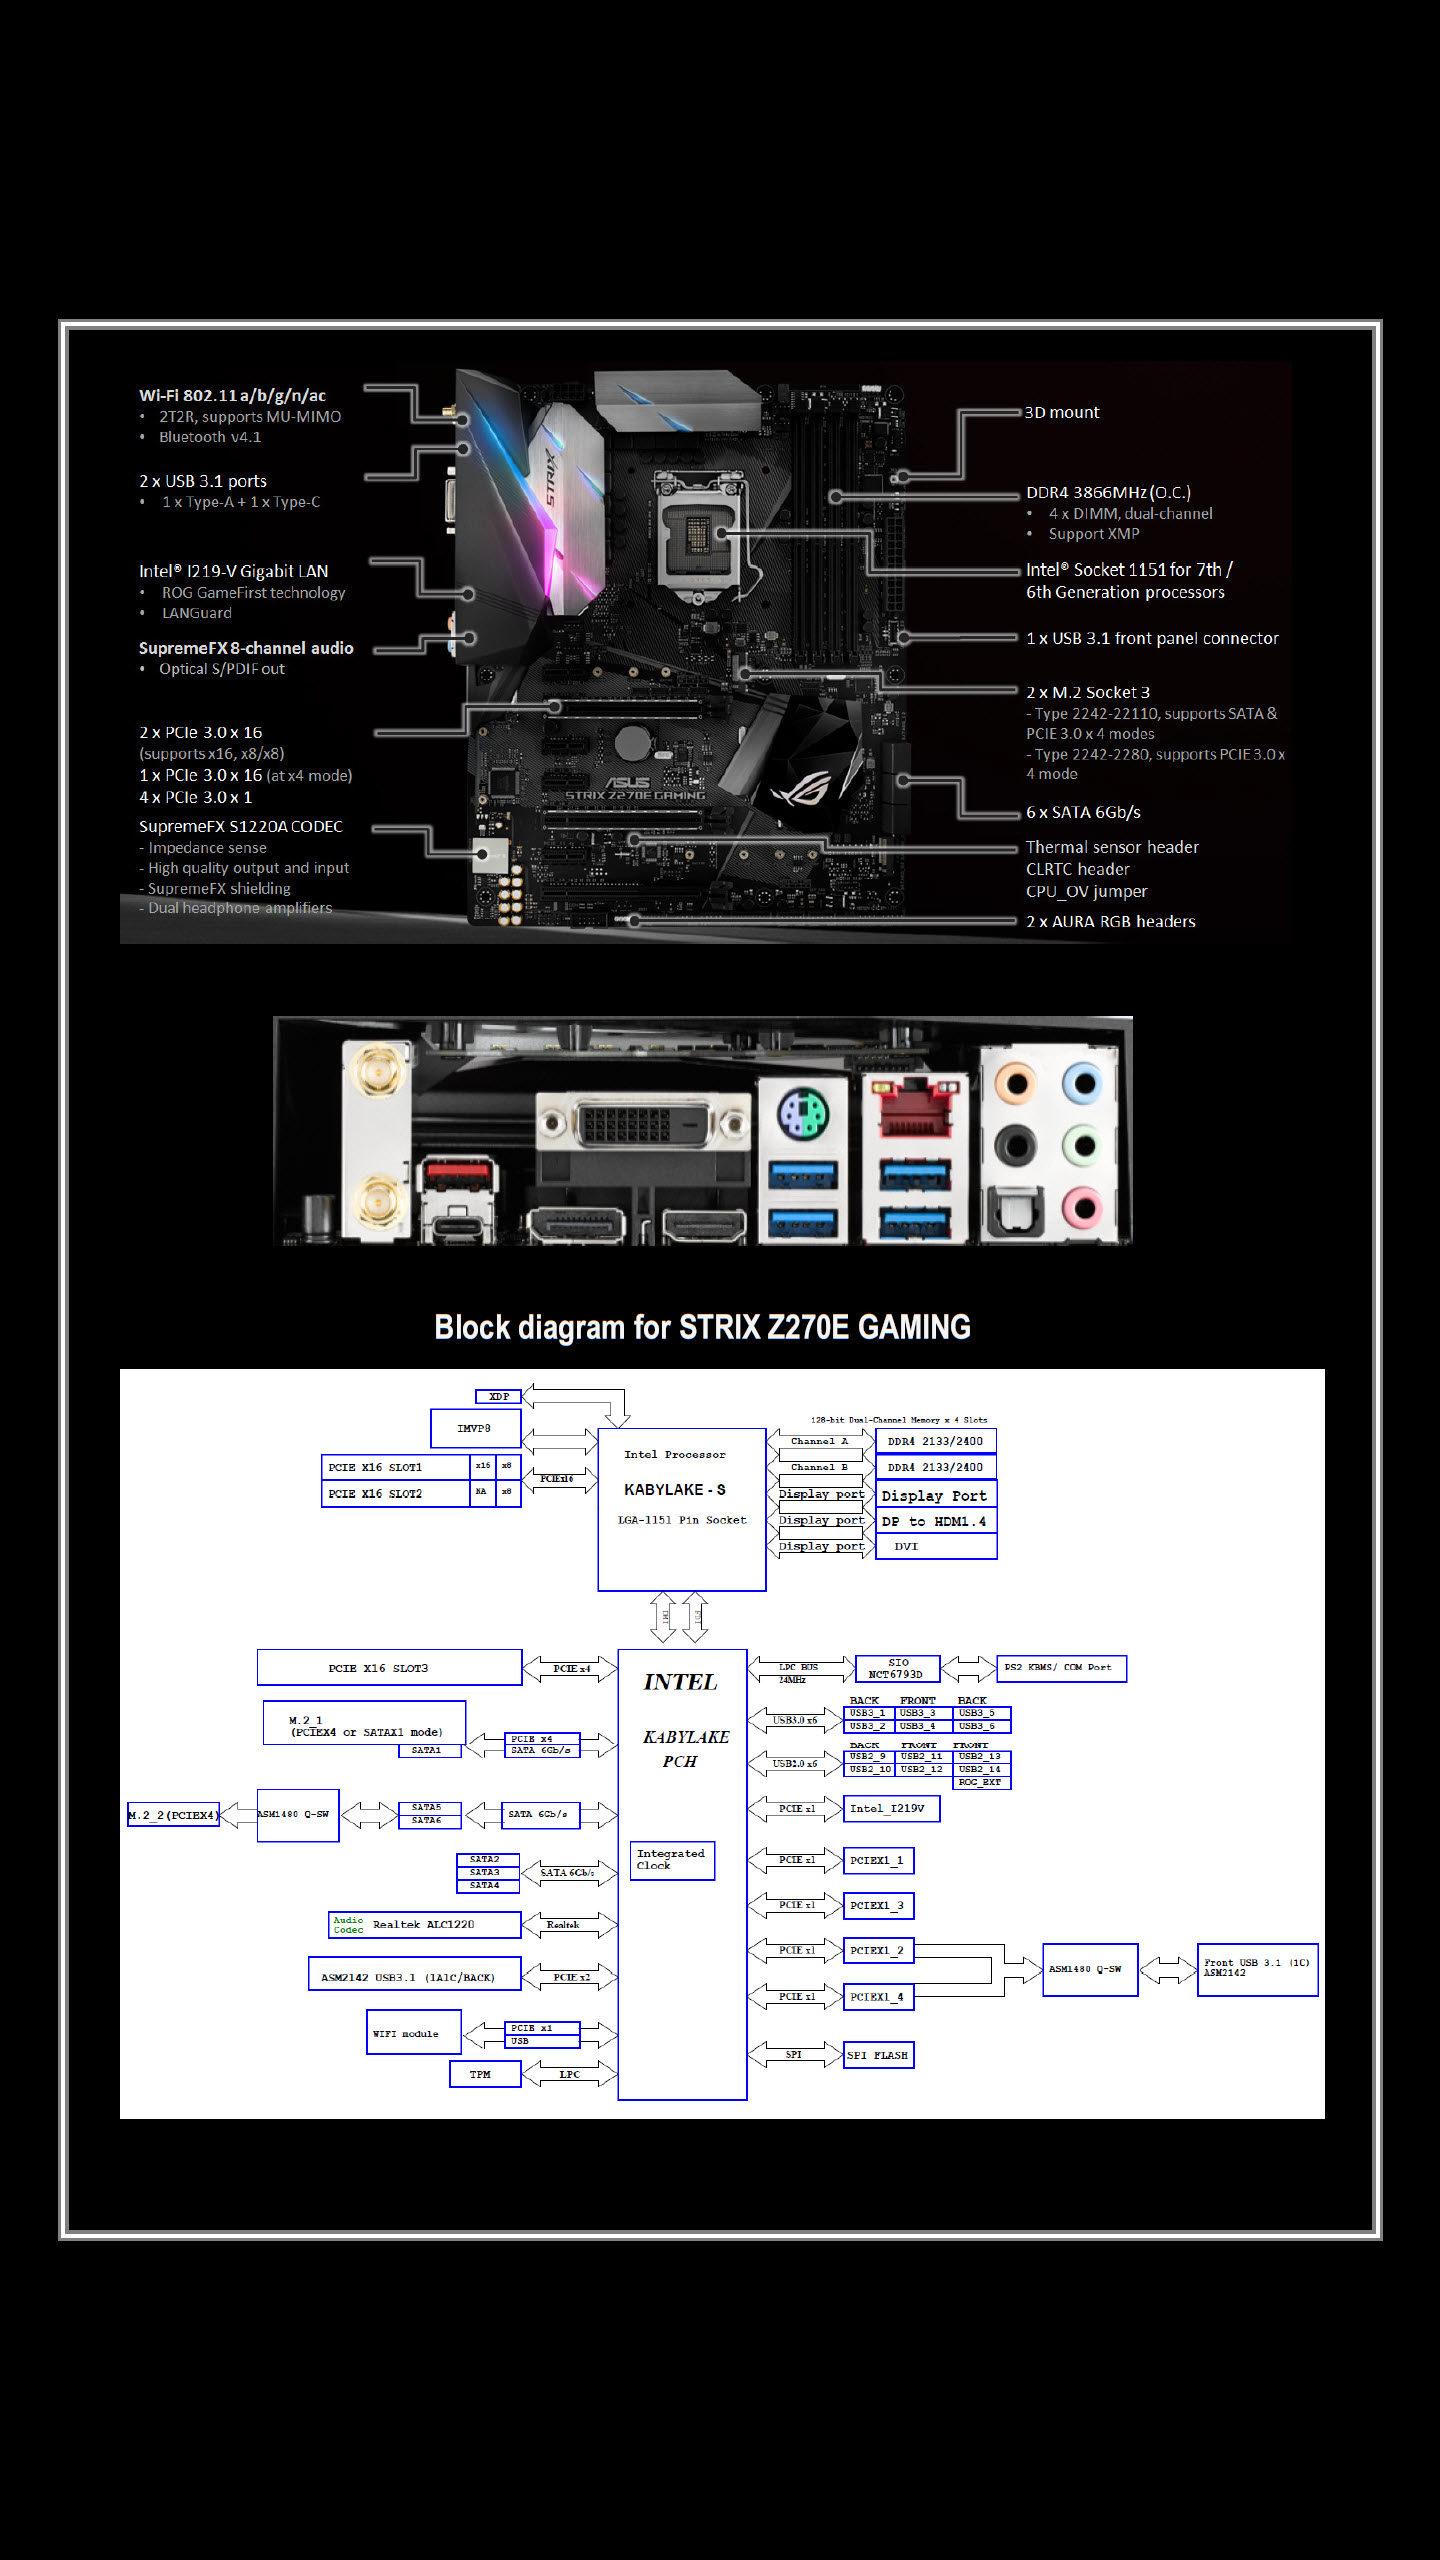 ASUS STRIX Z270E Gaming Z270 LGA 1151 Motherboard Review